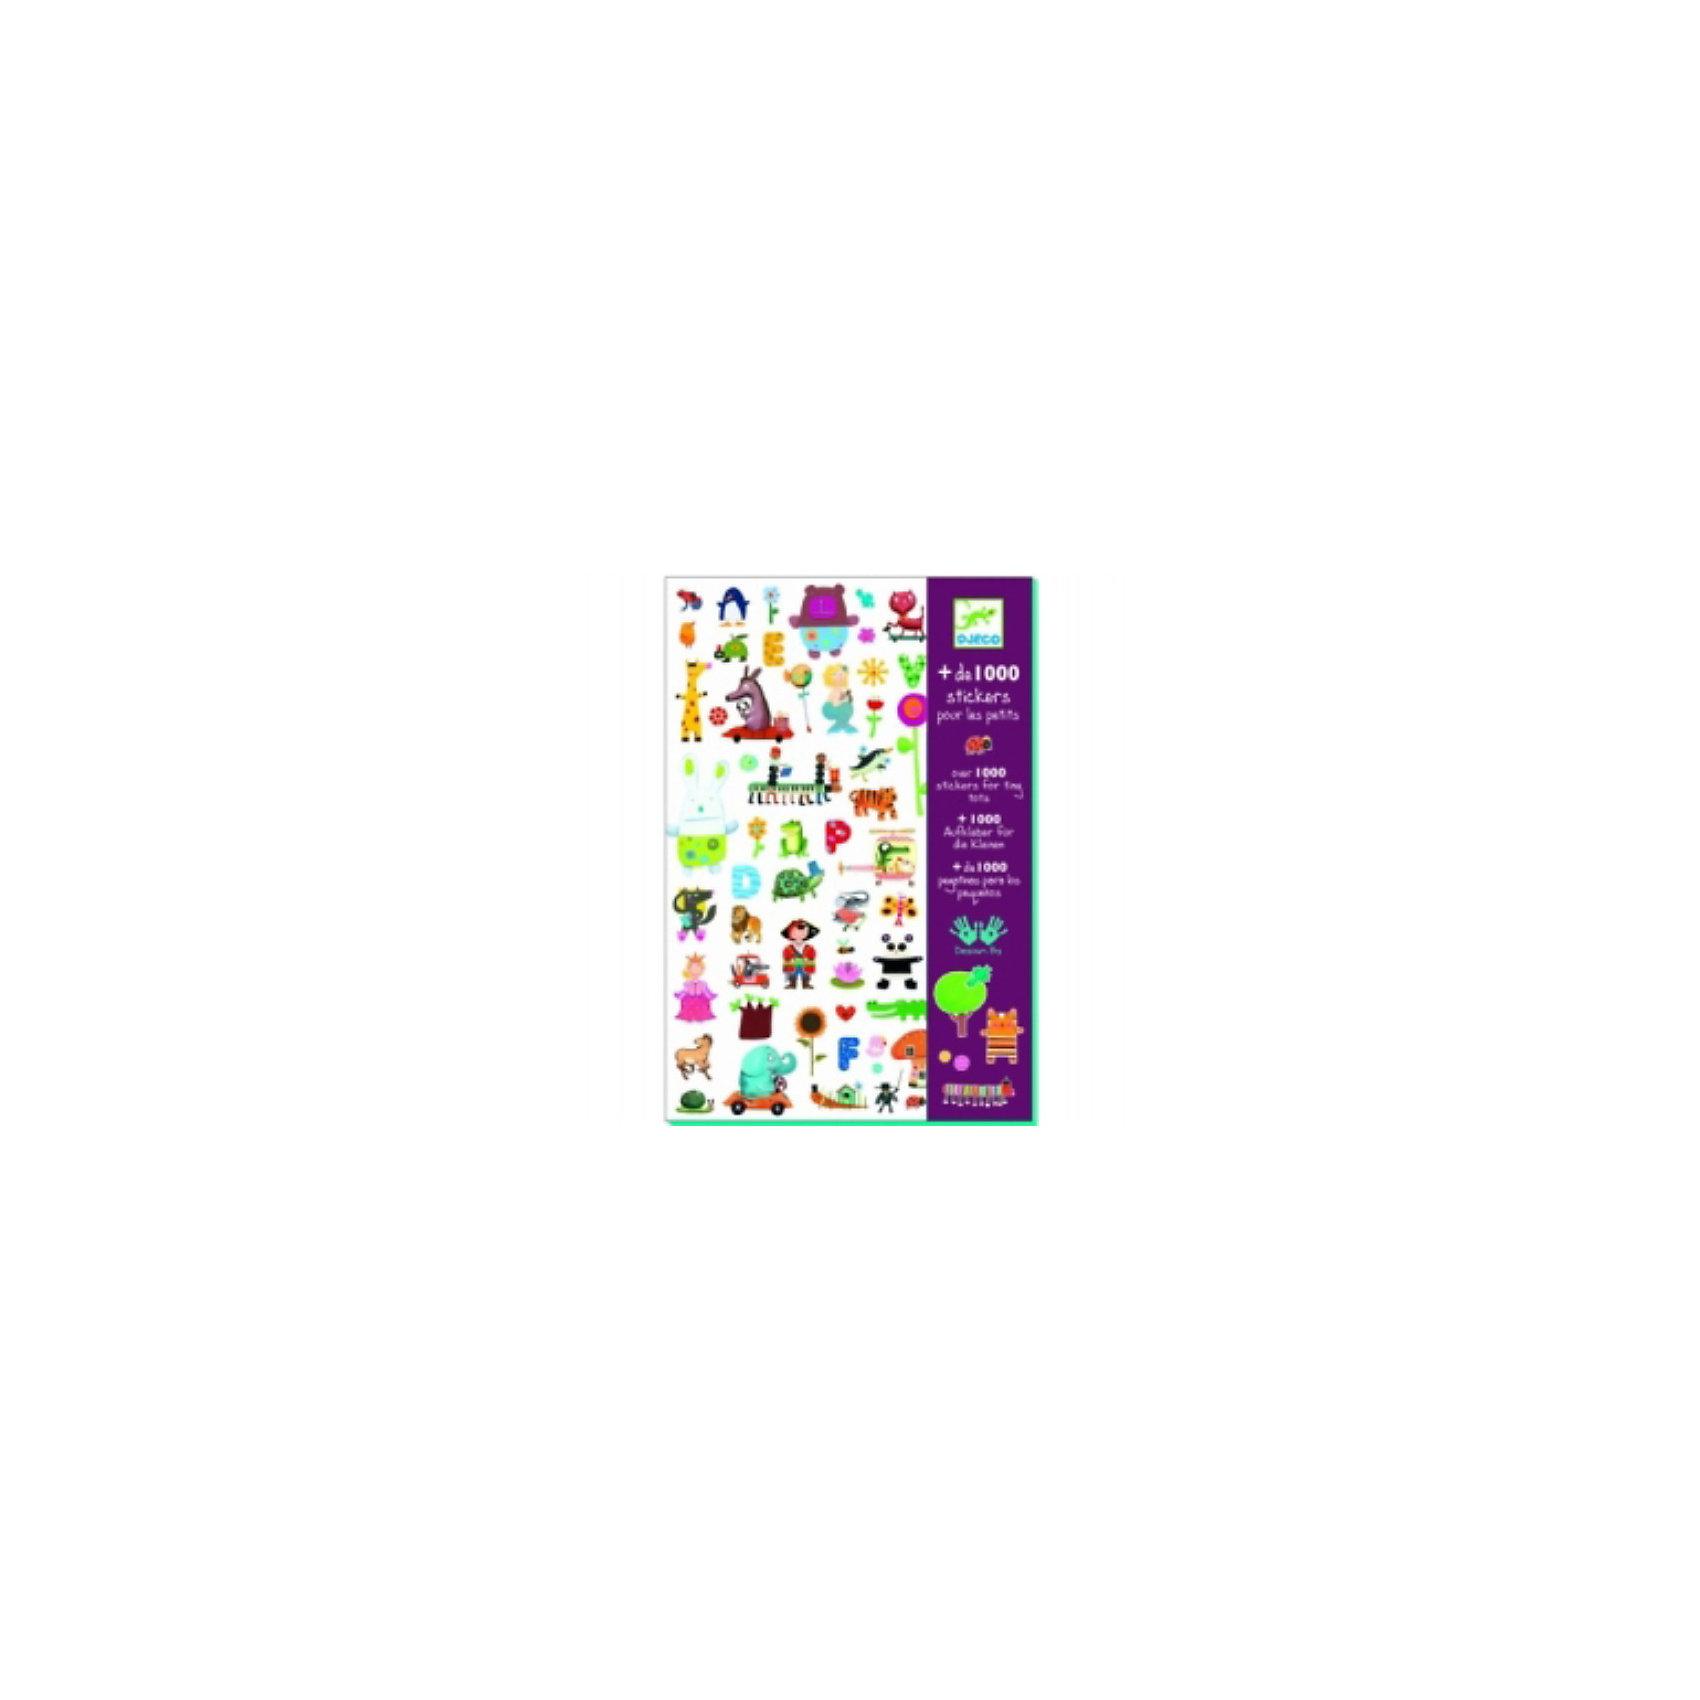 DJECO Набор из 1000 наклеек для малышейЭти очаровательные наклейки украсят любую тетрадь, папку или приглашение на детский праздник! В наборе 1000 наклеек.<br><br>DJECO (Джеко) Набор из 1000 наклеек для малышей можно купить в нашем магазине.<br><br>Ширина мм: 210<br>Глубина мм: 310<br>Высота мм: 100<br>Вес г: 50<br>Возраст от месяцев: 36<br>Возраст до месяцев: 2147483647<br>Пол: Унисекс<br>Возраст: Детский<br>SKU: 2175181